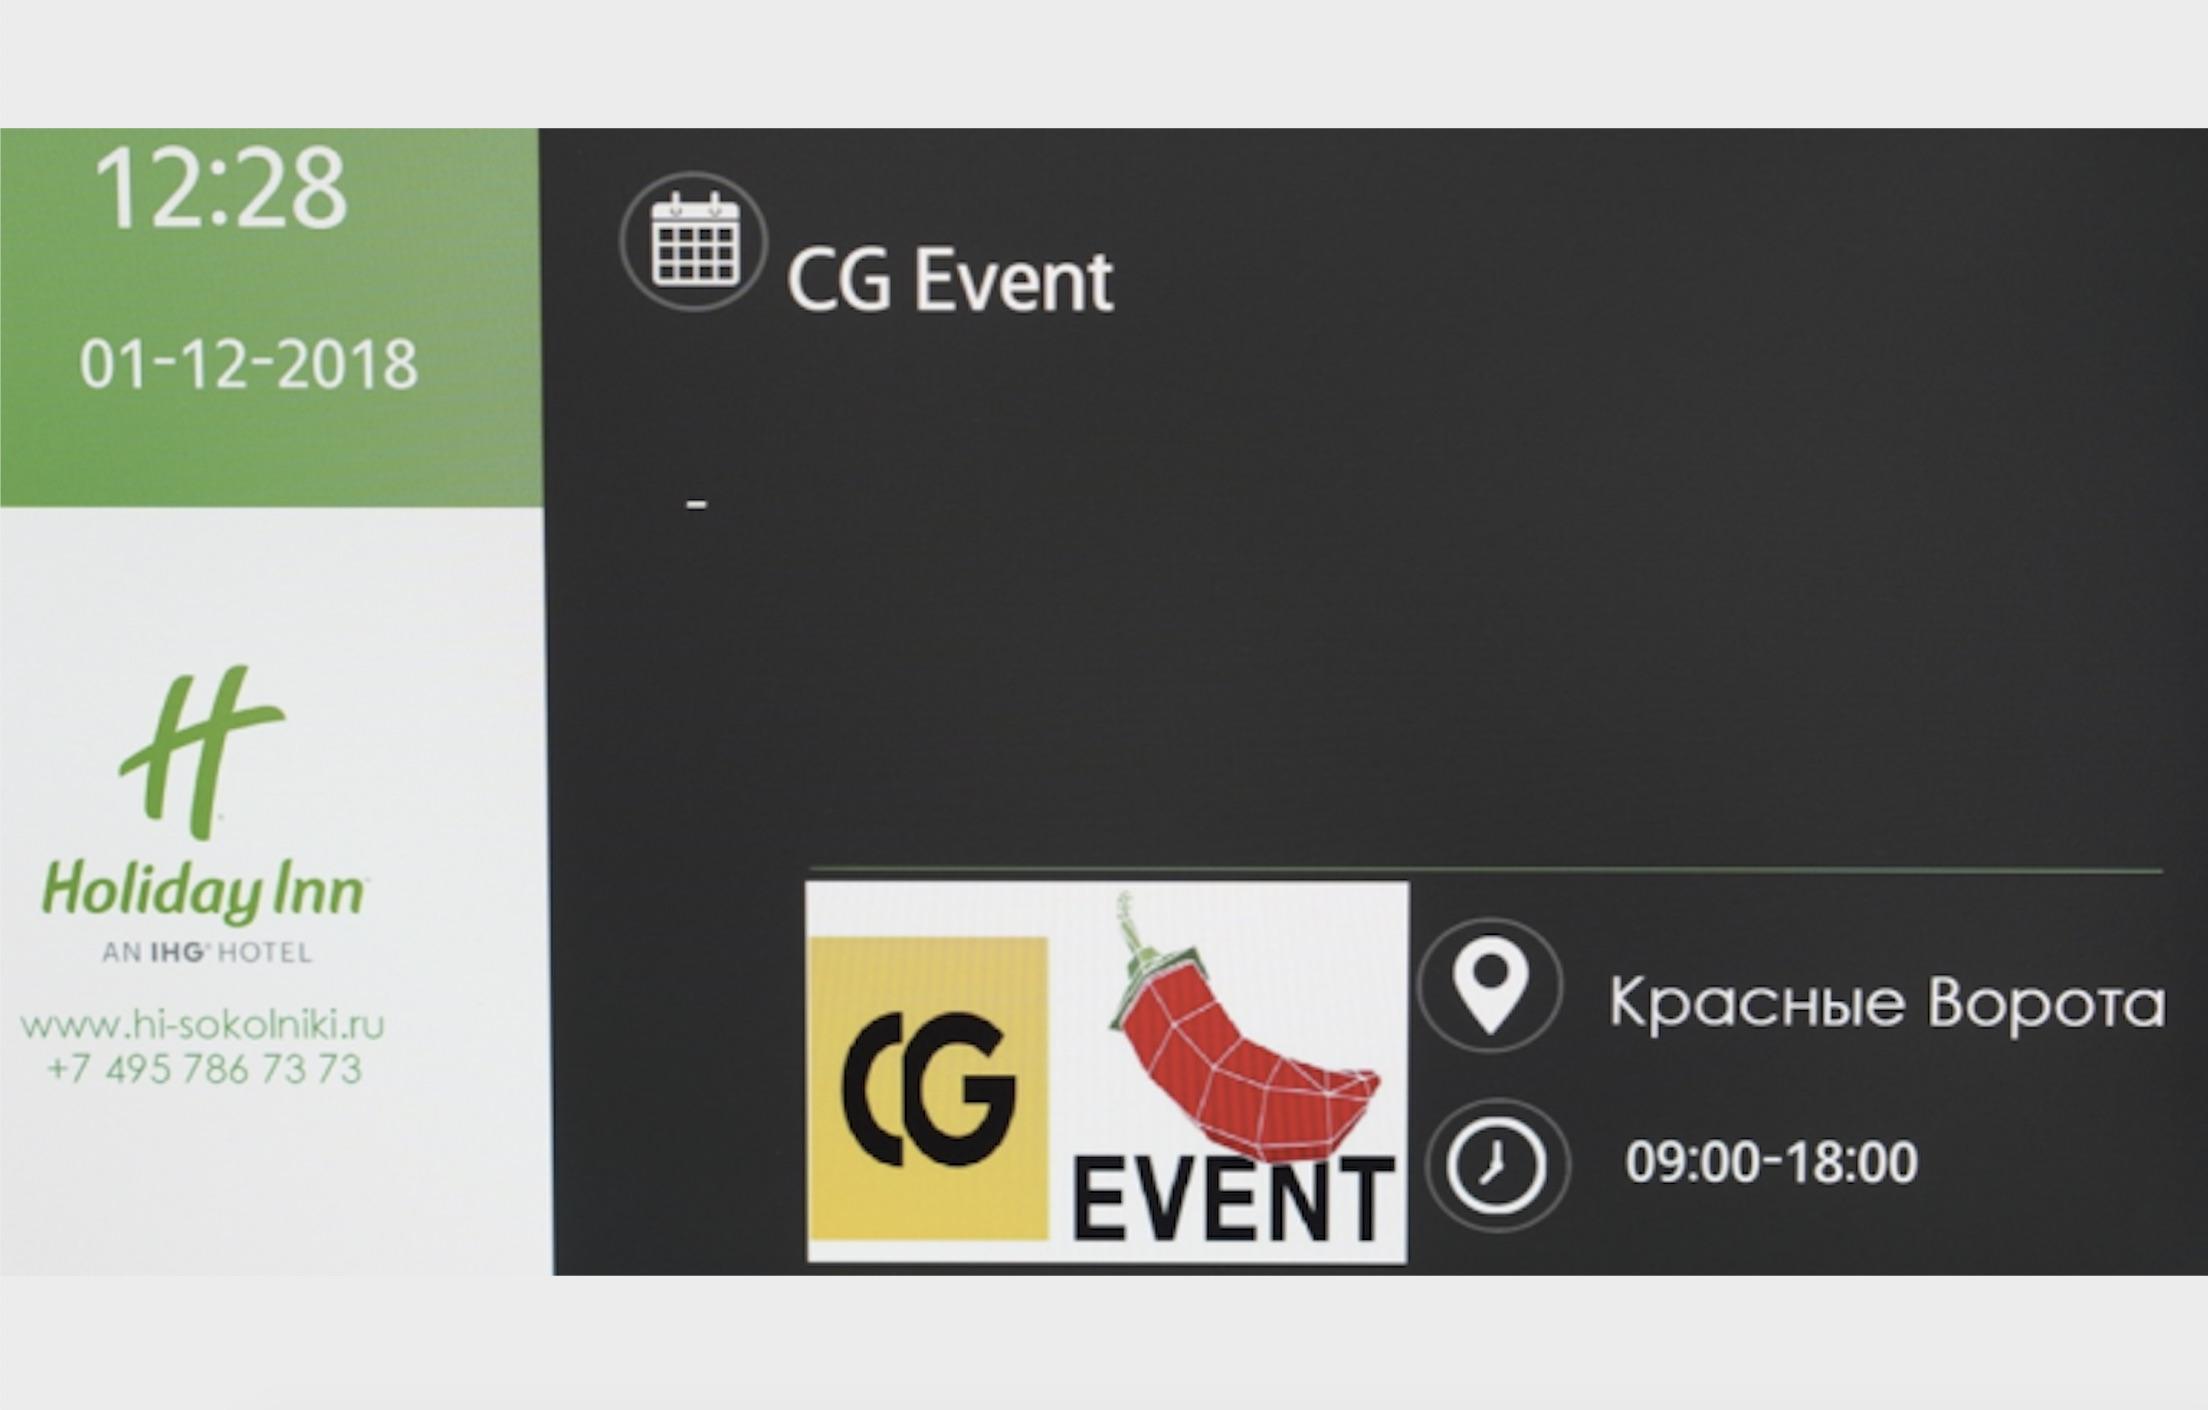 Конференция CG Event